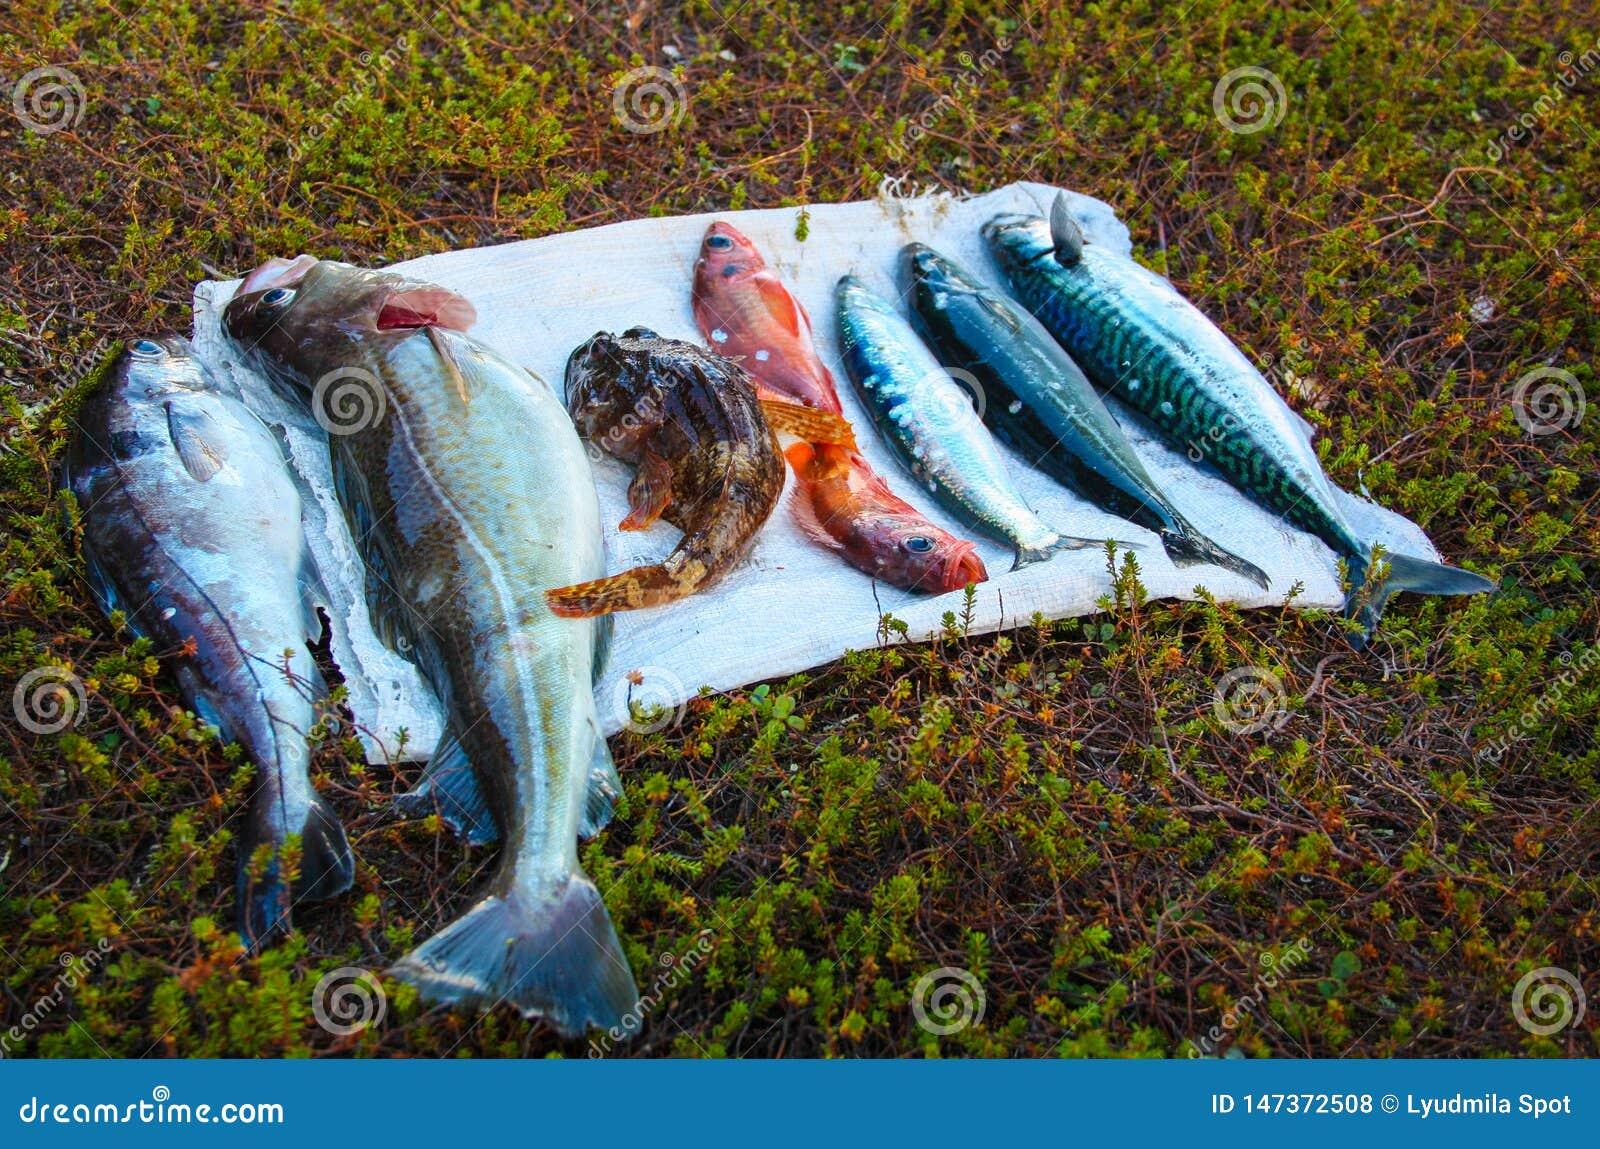 Η σύλληψη στο Pesca θάλασσας Barents, βακαλάος, βακαλάος σαφρανιού, πέρκες θάλασσας, γοβιός θάλασσας, ρέγγες, σκουμπρί